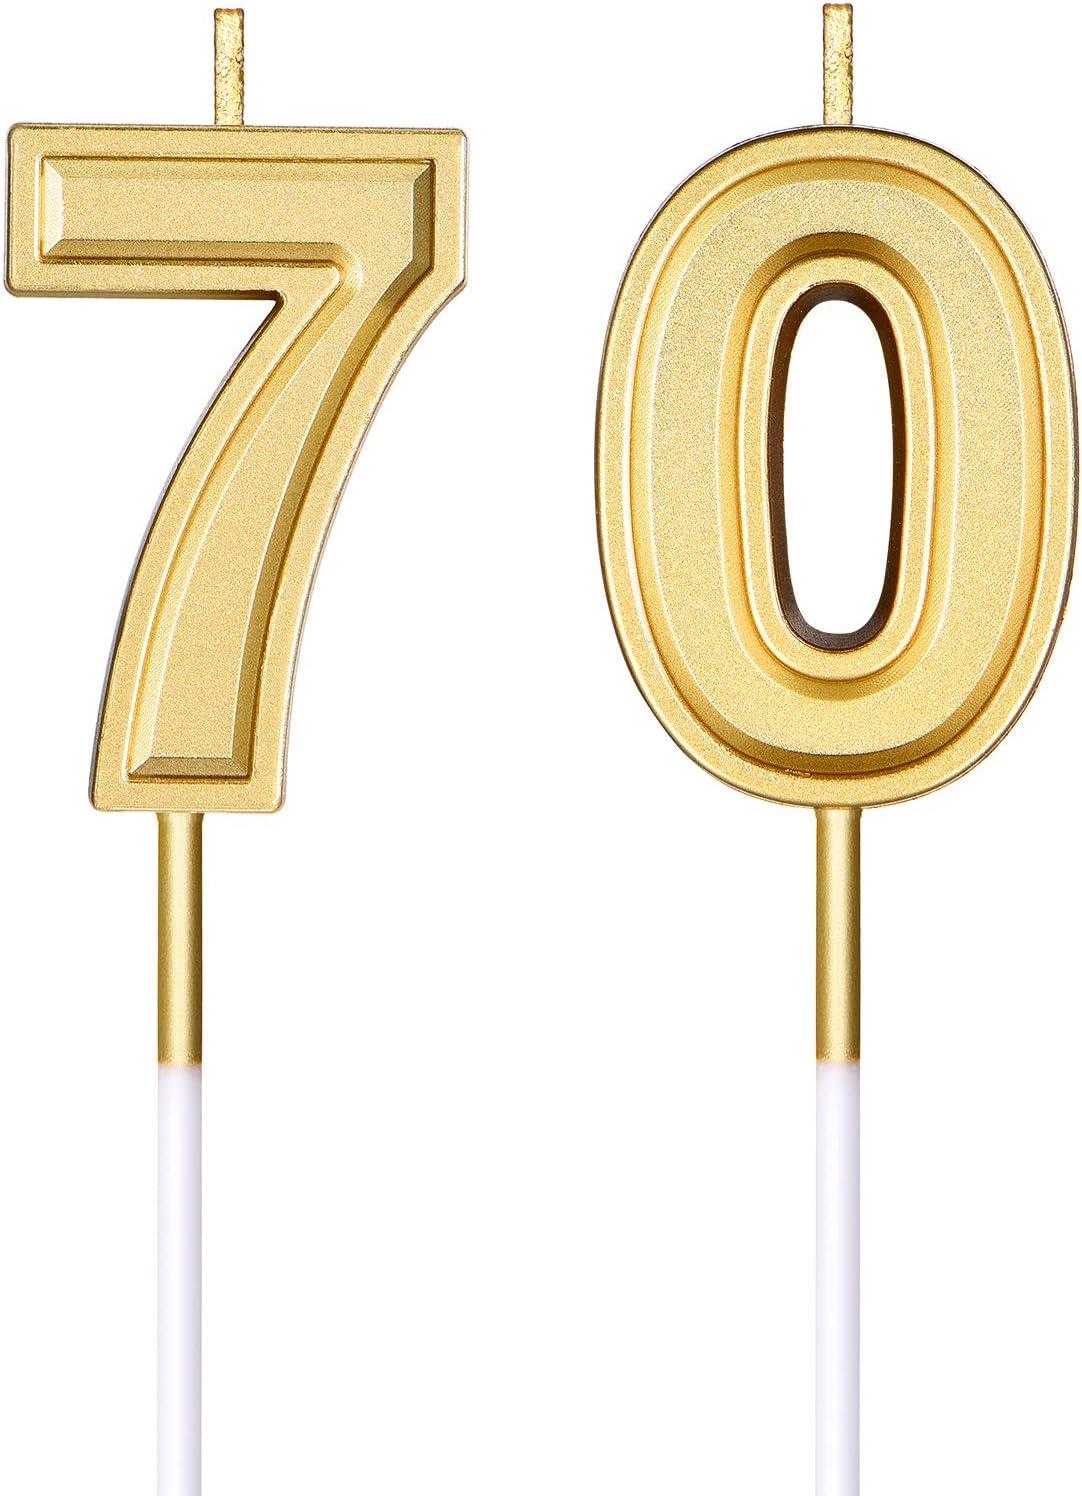 Frienda Geburtstag Kerzen Kuchen Nummer Kerzen Alles Gute zum Geburtstag Kuchen Kerzen Topper Dekoration f/ür Kinder Erwachsene und Alte Menschen Geburtstag Hochzeitstag Feier Lieferung Nummer 70